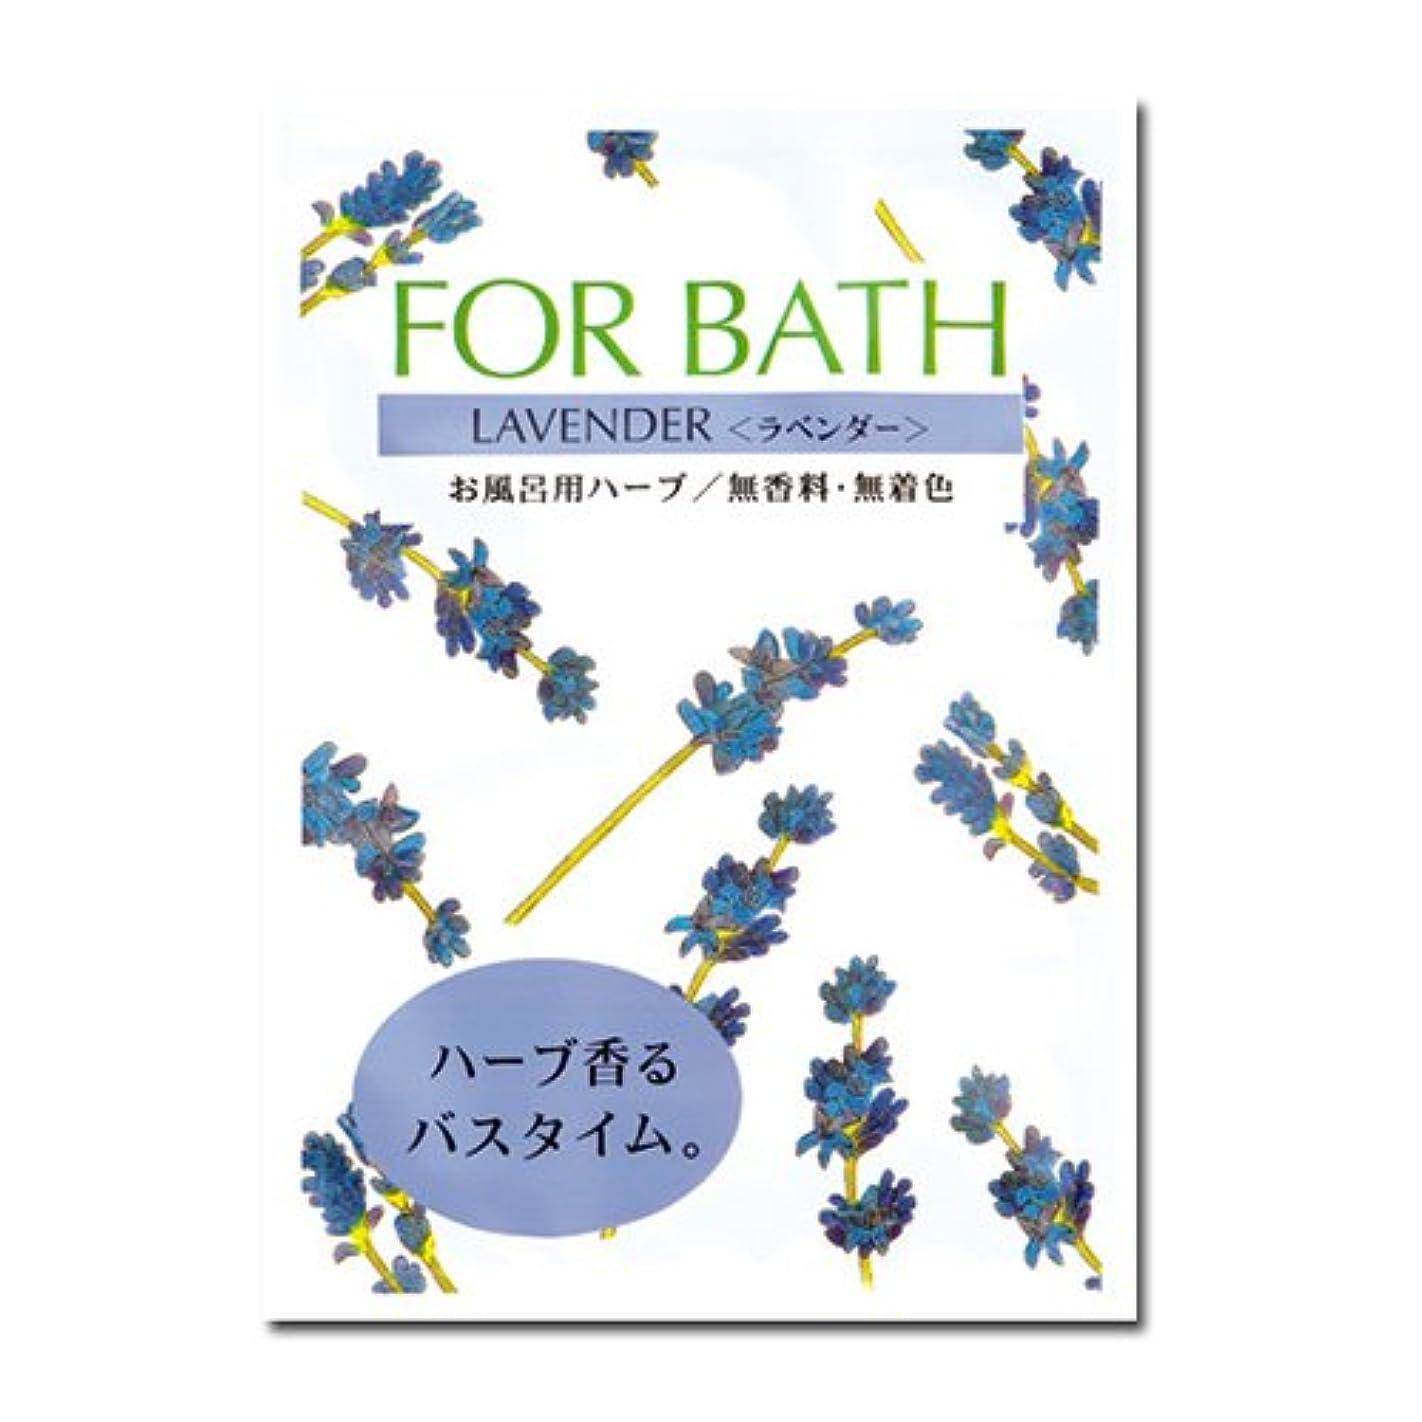 有名セッティング算術フォアバス ラベンダーx30袋[フォアバス/入浴剤/ハーブ]